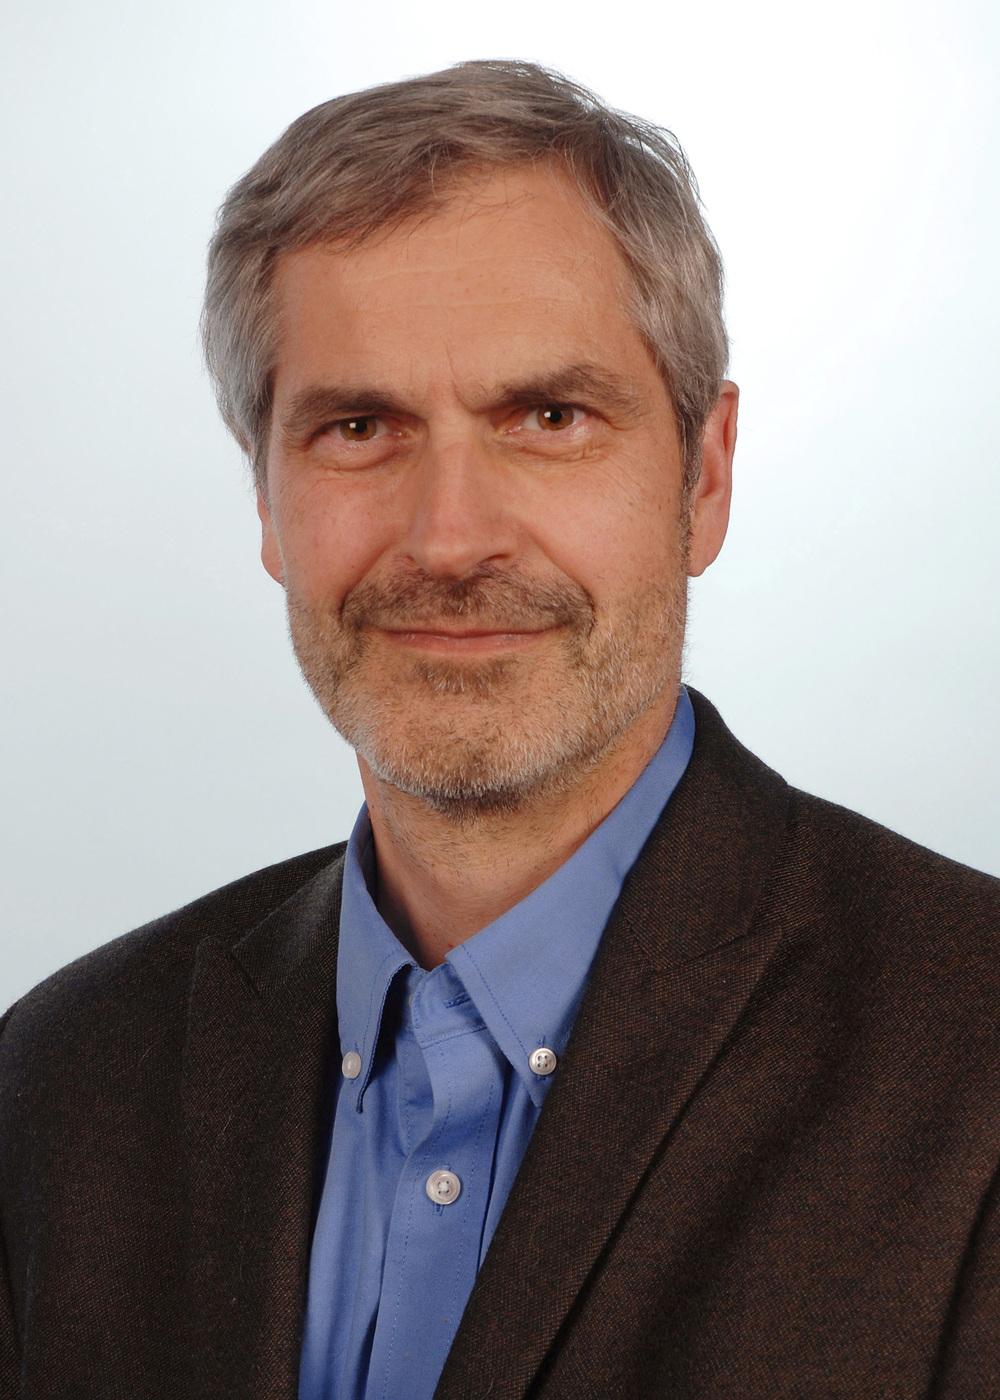 Matthias Clauss, PhD